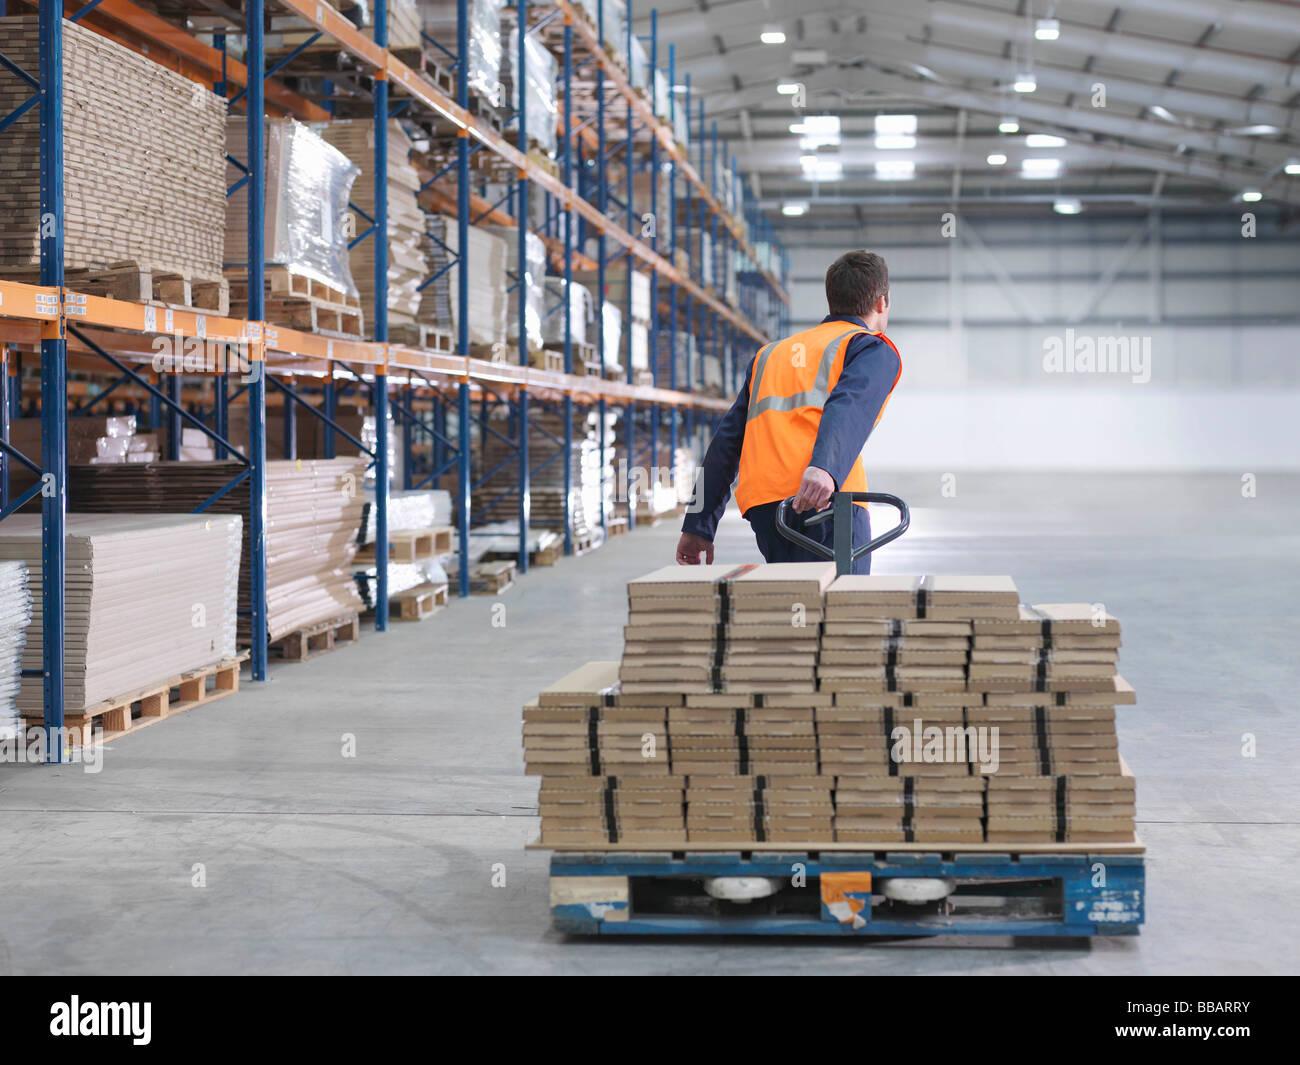 Le transport des travailleurs dans l'entrepôt de charge Photo Stock